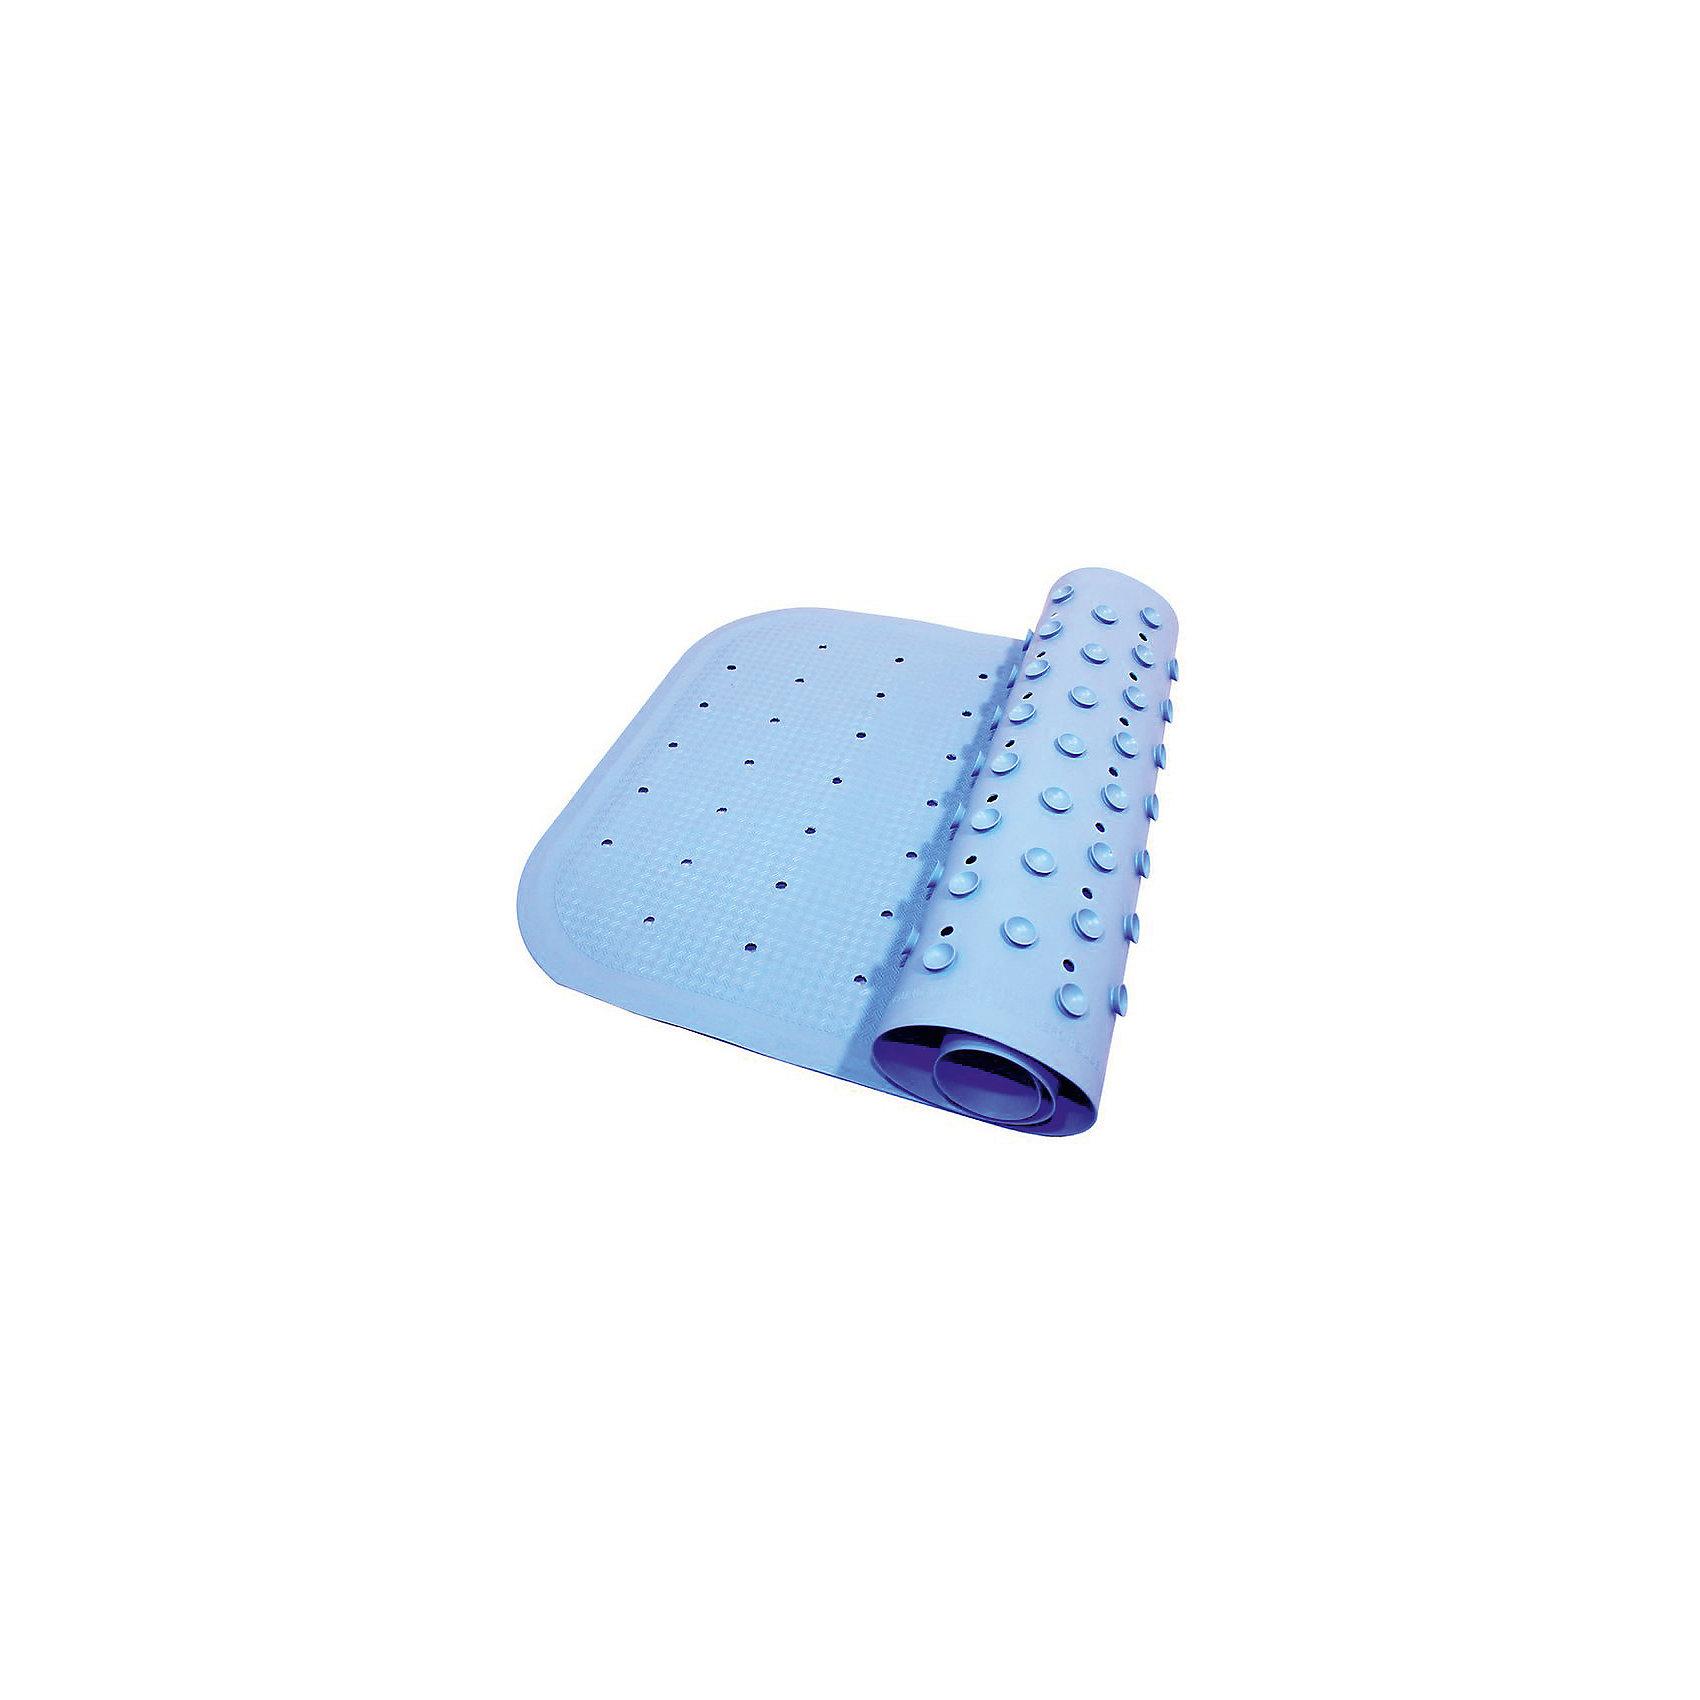 Антискользящий коврик для ванны 34,5х76 см, голубойДетские коврики для ванны<br>Антискользящий коврик для ванны 34,5х76 см, голубой – это эластичный, мягкий и приятный на ощупь коврик для безопасного купания малыша.<br>Противоскользящий коврик для ванны создан специально для детей и призван обеспечить комфортное и безопасное купание малышей в ванне. Он обладает целым рядом важных преимуществ. Мягкие присоски надежно прикрепляют коврик ко дну ванны и не дают ему скользить по ее поверхности, как бы активно ни двигался малыш. Специальное покрытие препятствует скольжению ног или тела ребенка по коврику. Поверхность коврика имеет рельефные элементы, обеспечивающие массажные функции, благодаря которым купание малыша в ванне станет не только простым и безопасным, но еще и полезным! Специальные отверстия позволяют воде легко стекать и обеспечивают более надежное крепление коврика к поверхности ванны. Оптимальный размер коврика 34 на 74 см делает его доступным для использования в любых ваннах, как в обычных больших, так и в детских ванночках и мини-бассейнах. Коврик выполнен в жизнерадостном голубом цвете - он станет не только отличным помощником вам и вашему малышу, но и стильным аксессуаром! Антискользящий коврик для ванны сделан из 100%-но натуральной резины без применения токсичного сырья. Резиновый коврик на присосках полностью соответствует всем требованиям безопасности детской продукции: ГОСТ 25779-90, СанПин 2.4.7.007-93, Европейским стандартам качества EN17.<br><br>Дополнительная информация:<br><br>- Материал: резина<br>- Цвет: голубой<br>- Размер: 34,5 х 76 см.<br><br>Антискользящий коврик для ванны 34,5х76 см, голубой можно купить в нашем интернет-магазине.<br><br>Ширина мм: 340<br>Глубина мм: 250<br>Высота мм: 30<br>Вес г: 700<br>Возраст от месяцев: 0<br>Возраст до месяцев: 36<br>Пол: Унисекс<br>Возраст: Детский<br>SKU: 4182044